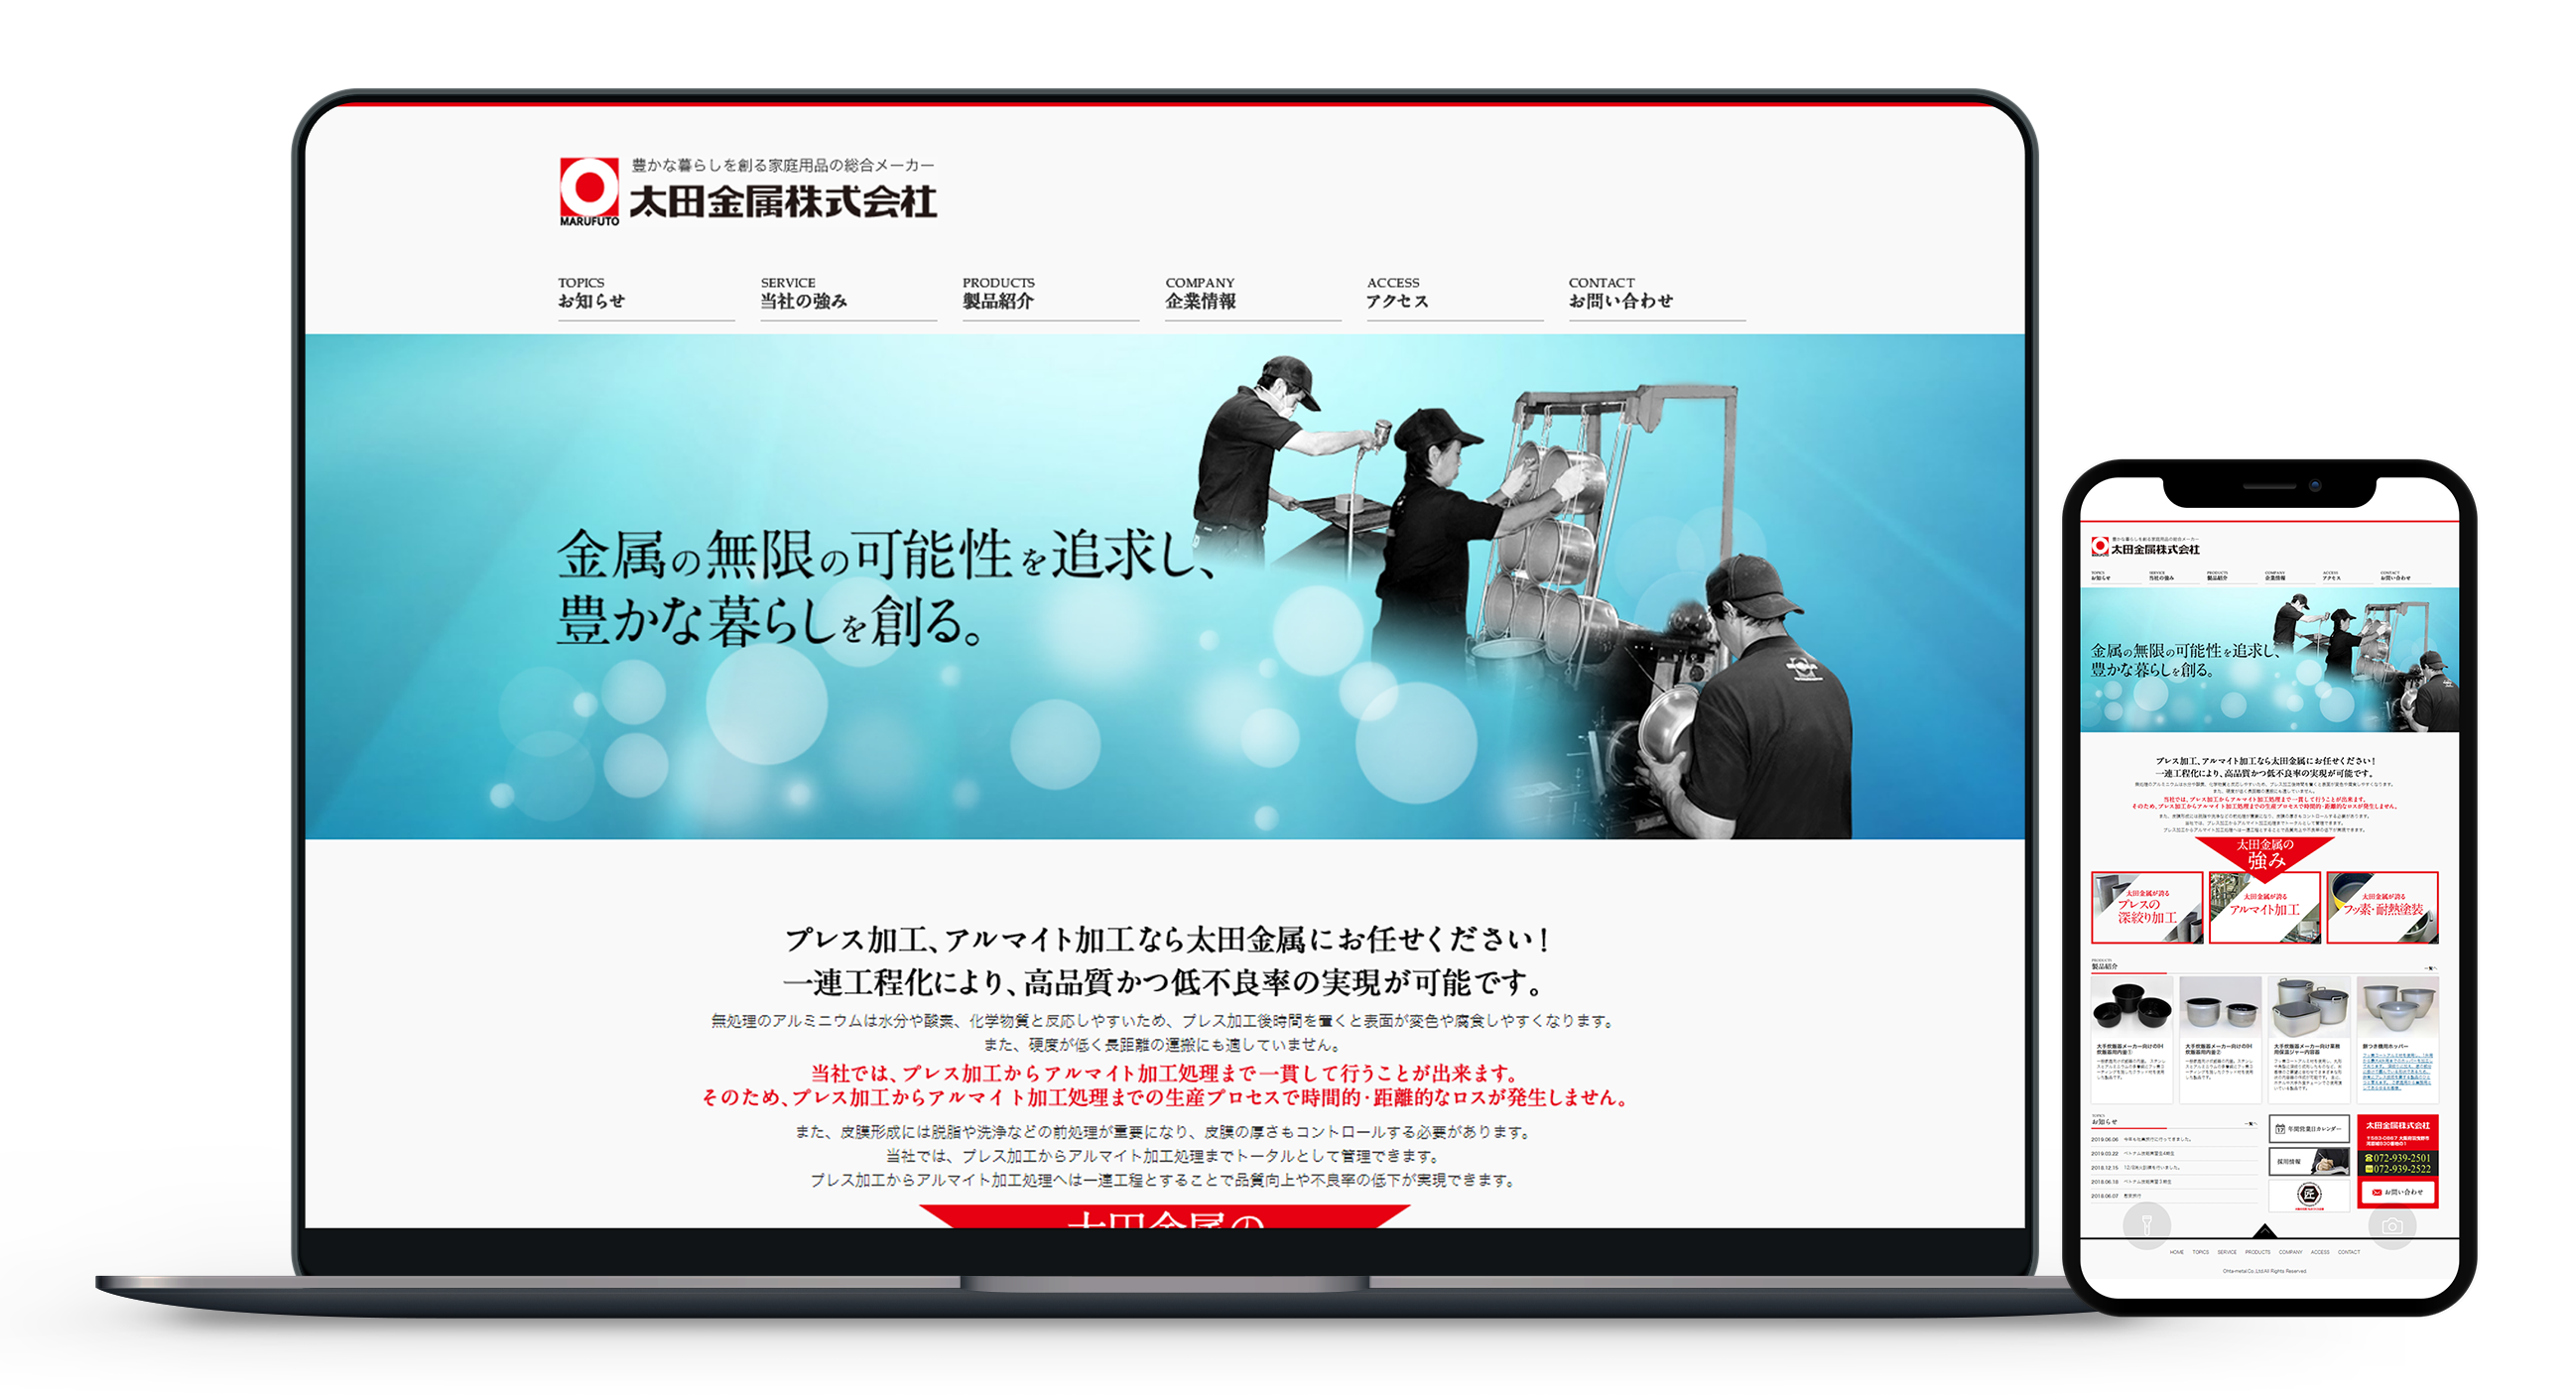 太田金属株式会社